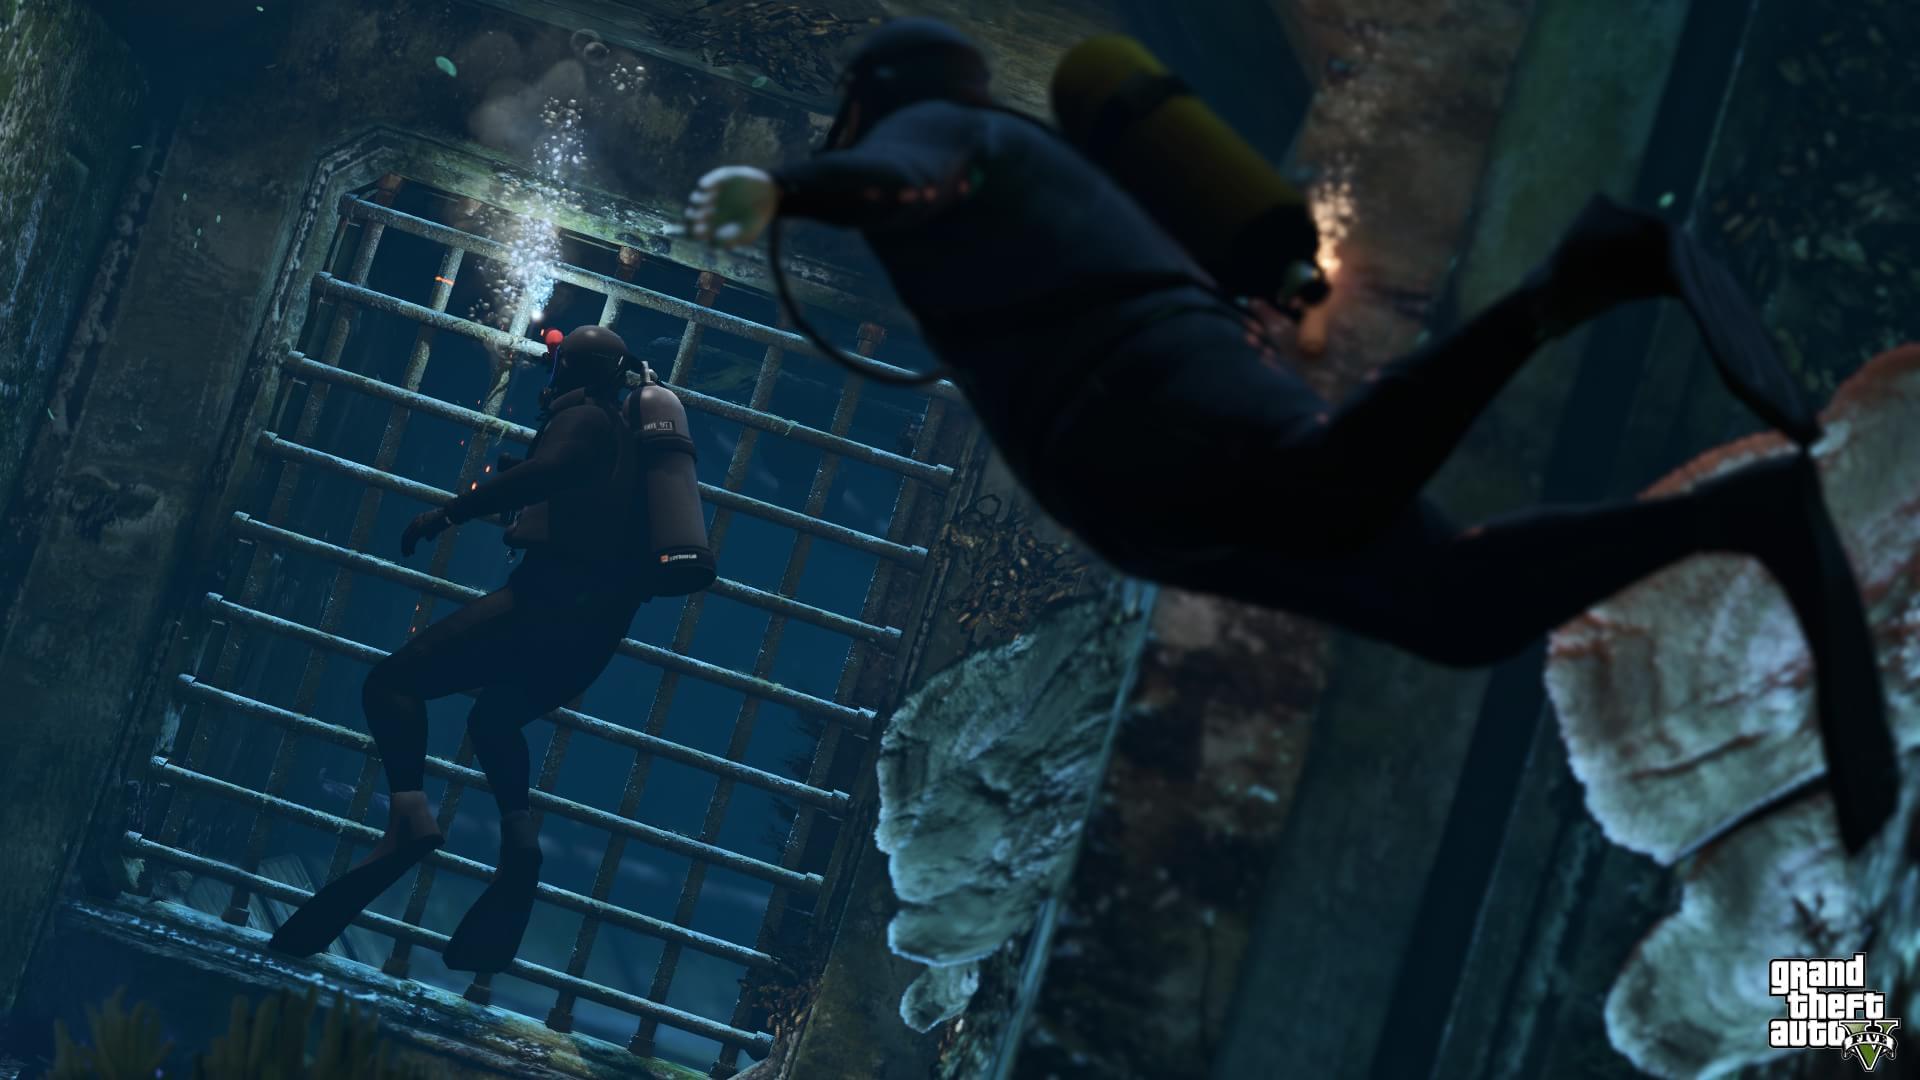 Rockstar libera uma enxurrada de imagens de GTA V em 1080p [galeria]